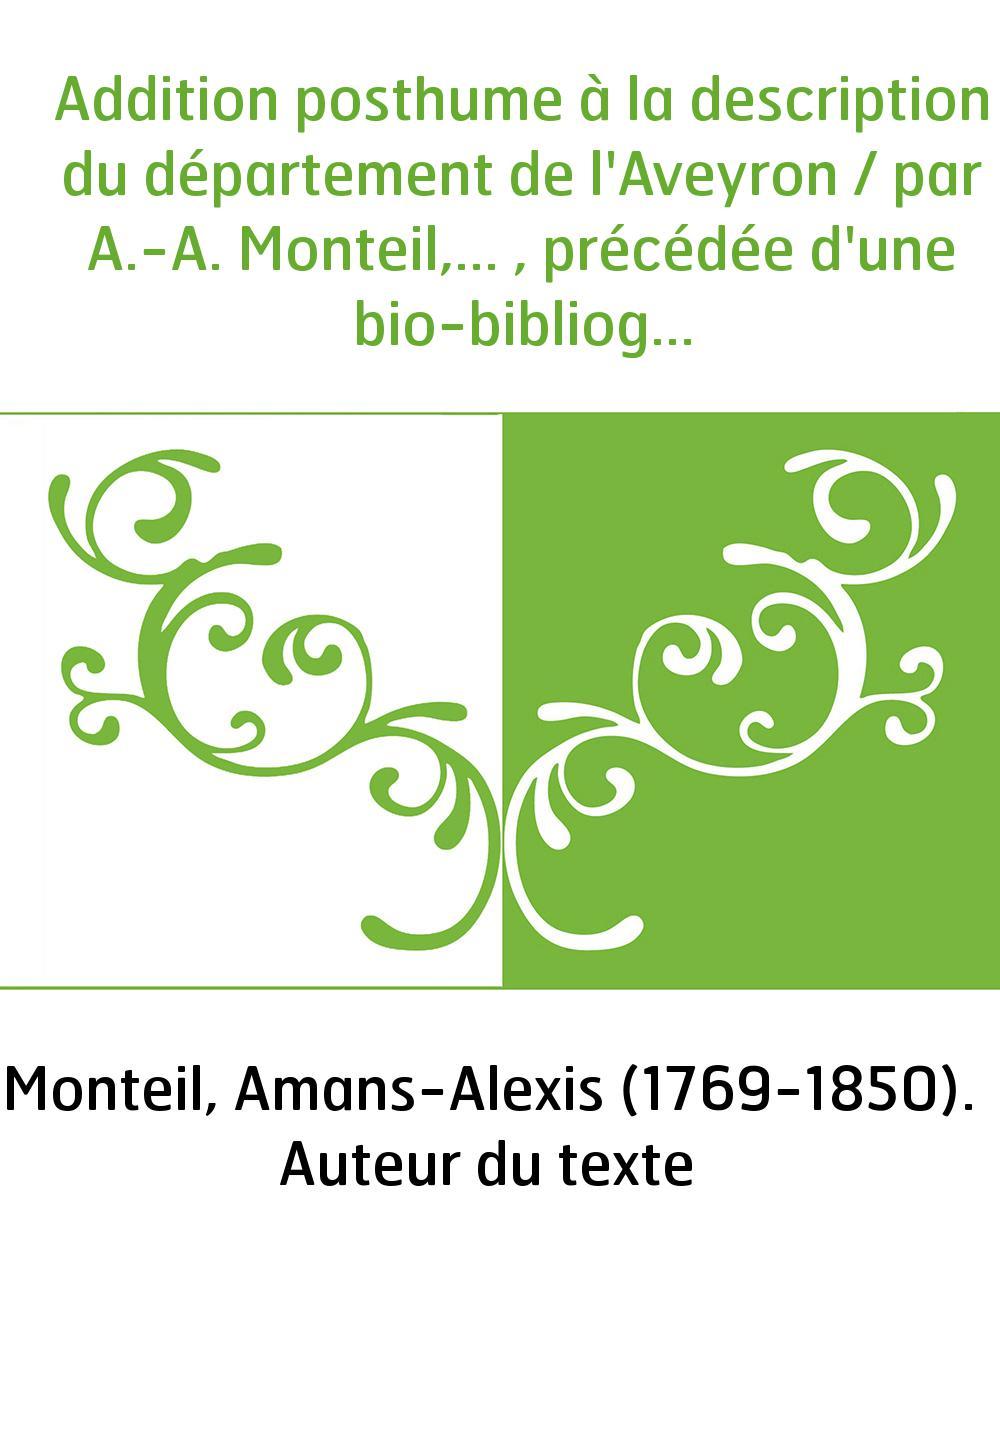 Addition posthume à la description du département de l'Aveyron / par A.-A. Monteil,... , précédée d'une bio-bibliographie [par L